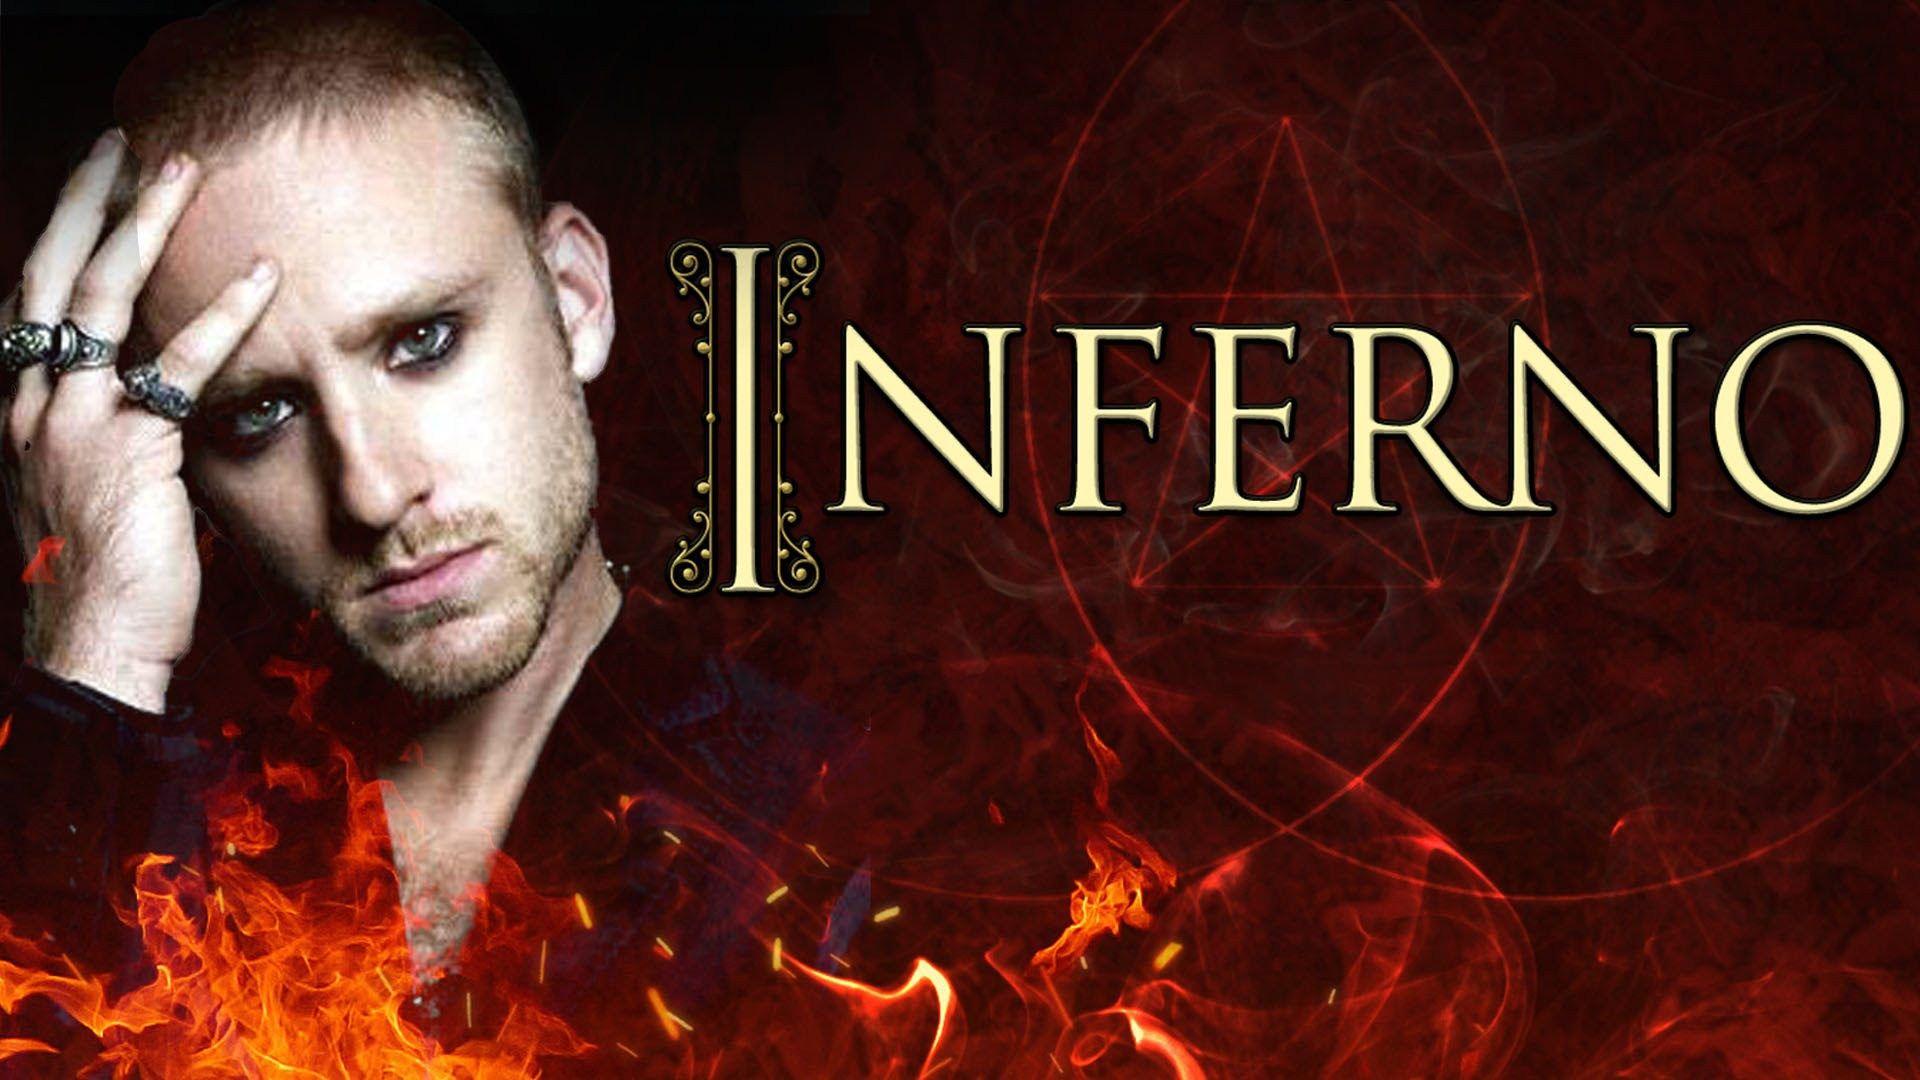 Watch Inferno 2016 Online Free [DVD] Movie | Putlocker - Watch full ...